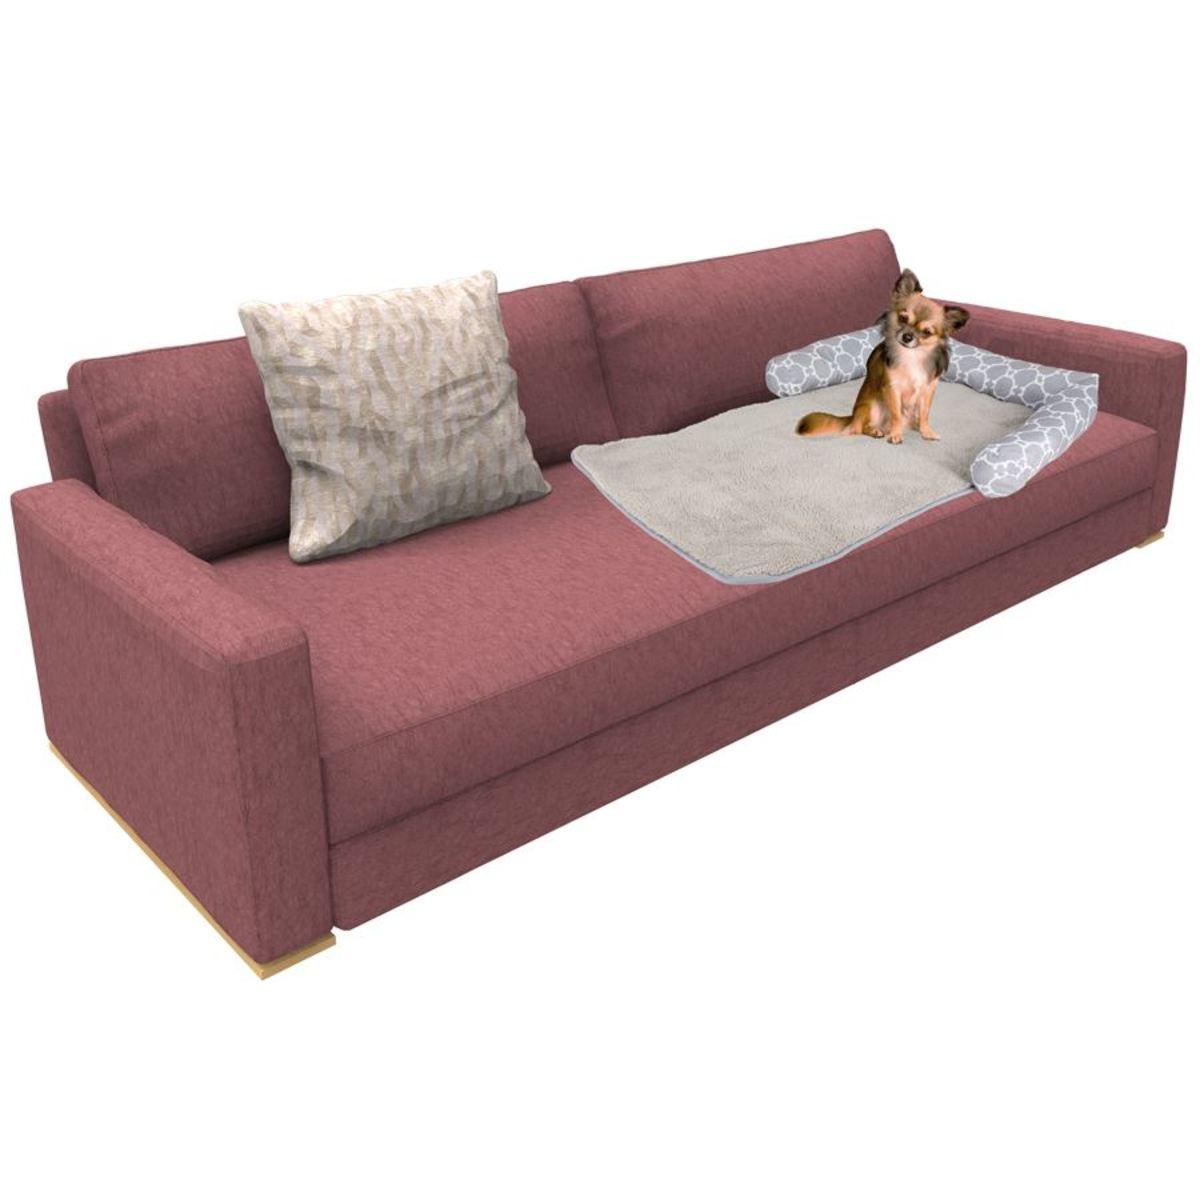 Bild 3 von Hundebett-Sofaschutz Größe S